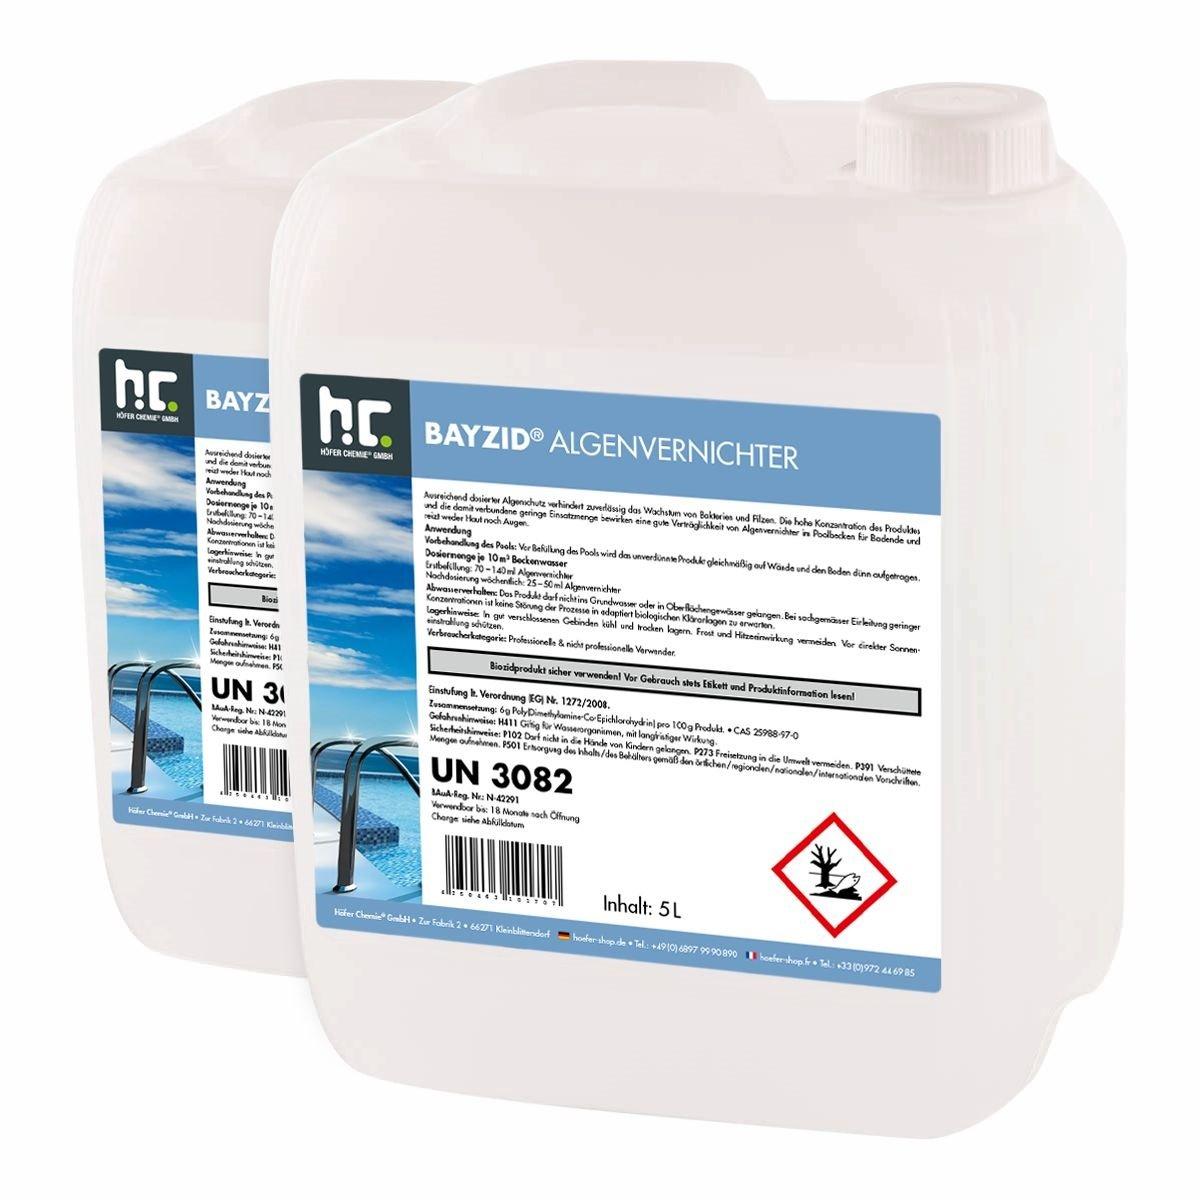 Höfer Chemie 4x5 L Pool Algenvernichter - Anti Algenmittel für Schwimmbad & Pool - schnelle Wirkung bei Algen Höfer Chemie GmbH